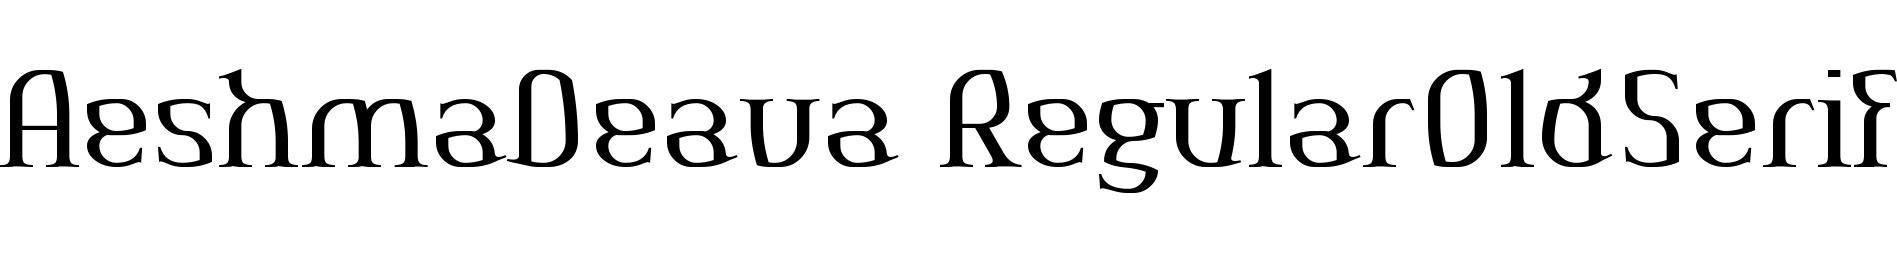 AeshmaDeava RegularOldSerif